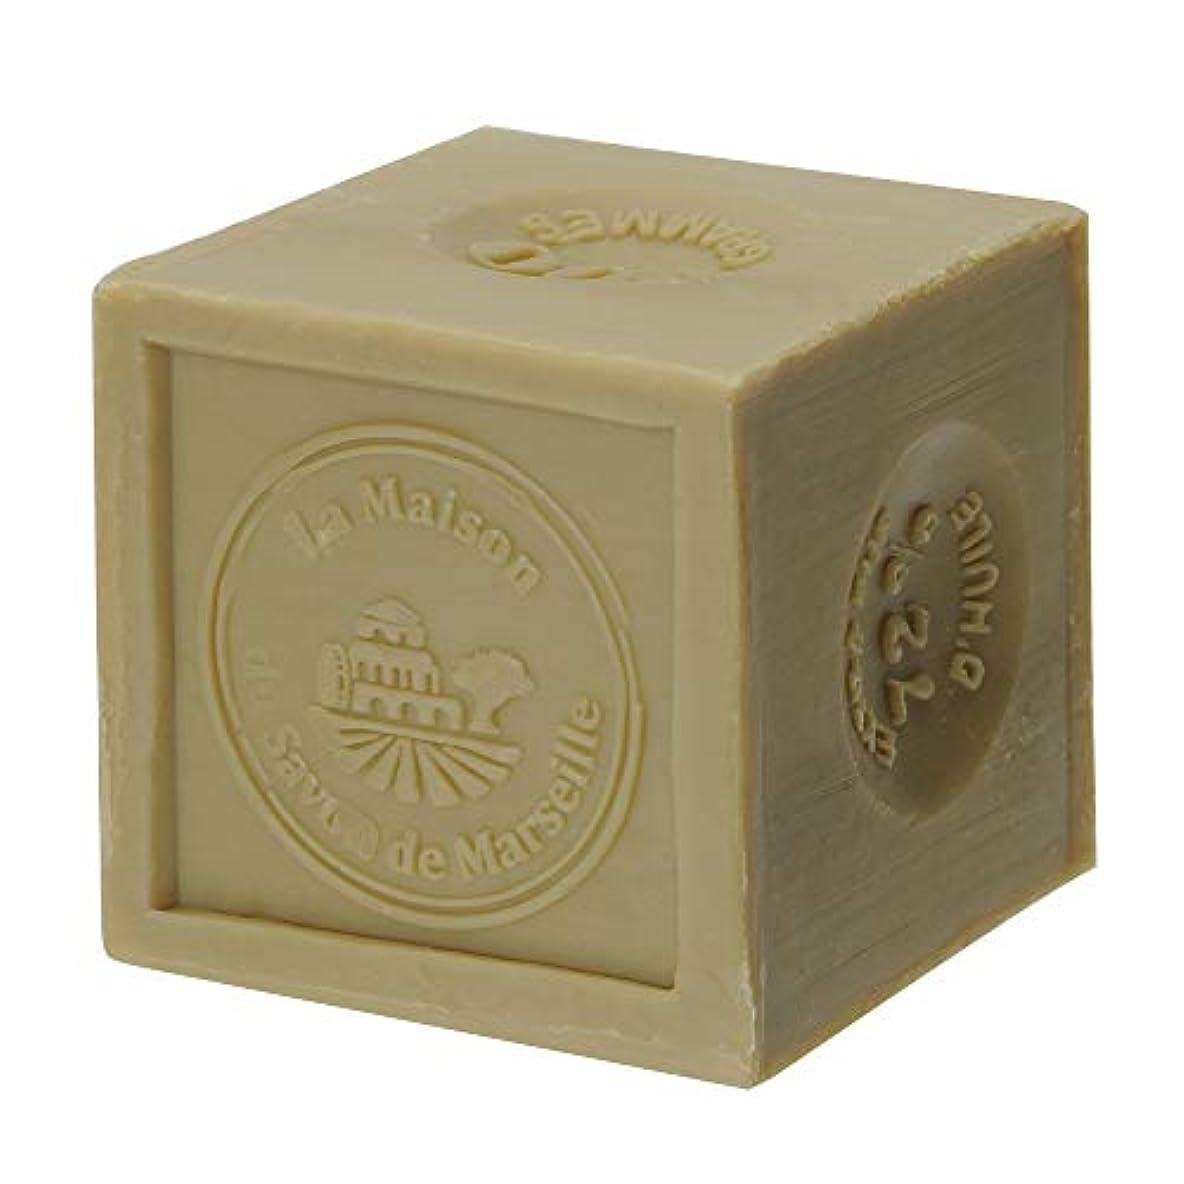 協同意味する玉ノルコーポレーション マルセイユ石鹸 オリーブ UPSM認証マーク付き 300g MLL-3-1